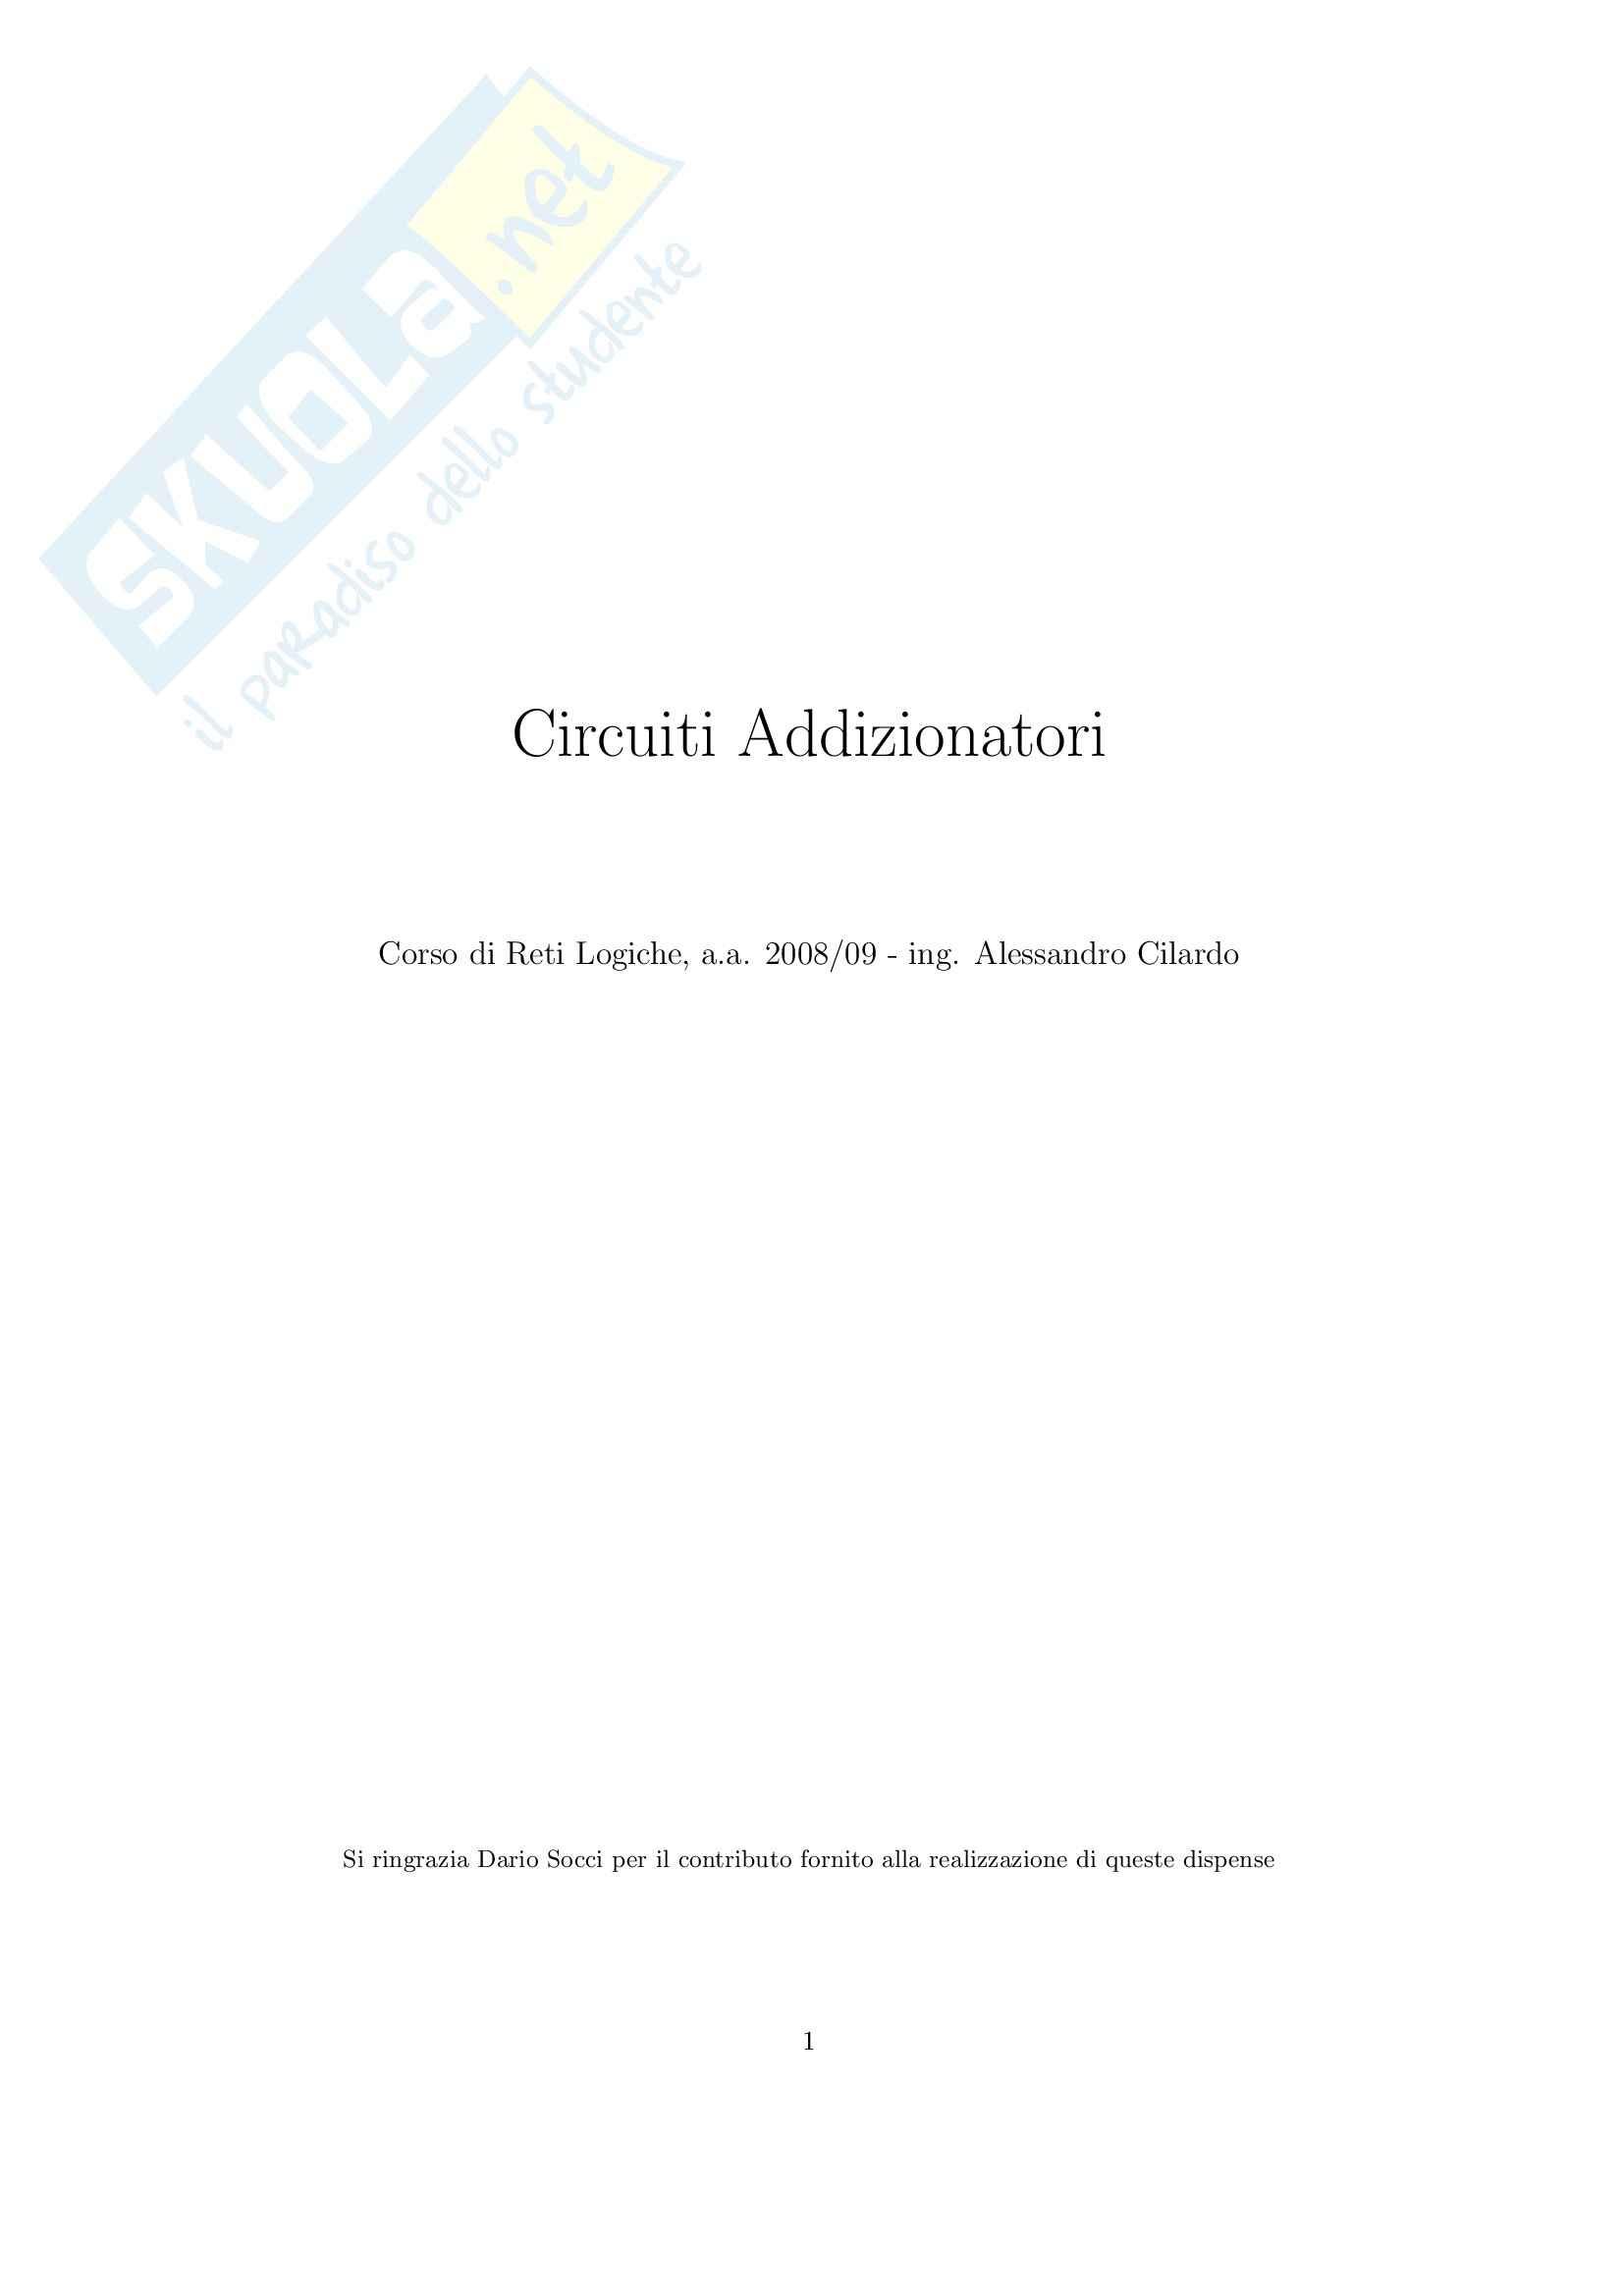 Architetture Sistemi Elaborazione   - Sommatori ASE